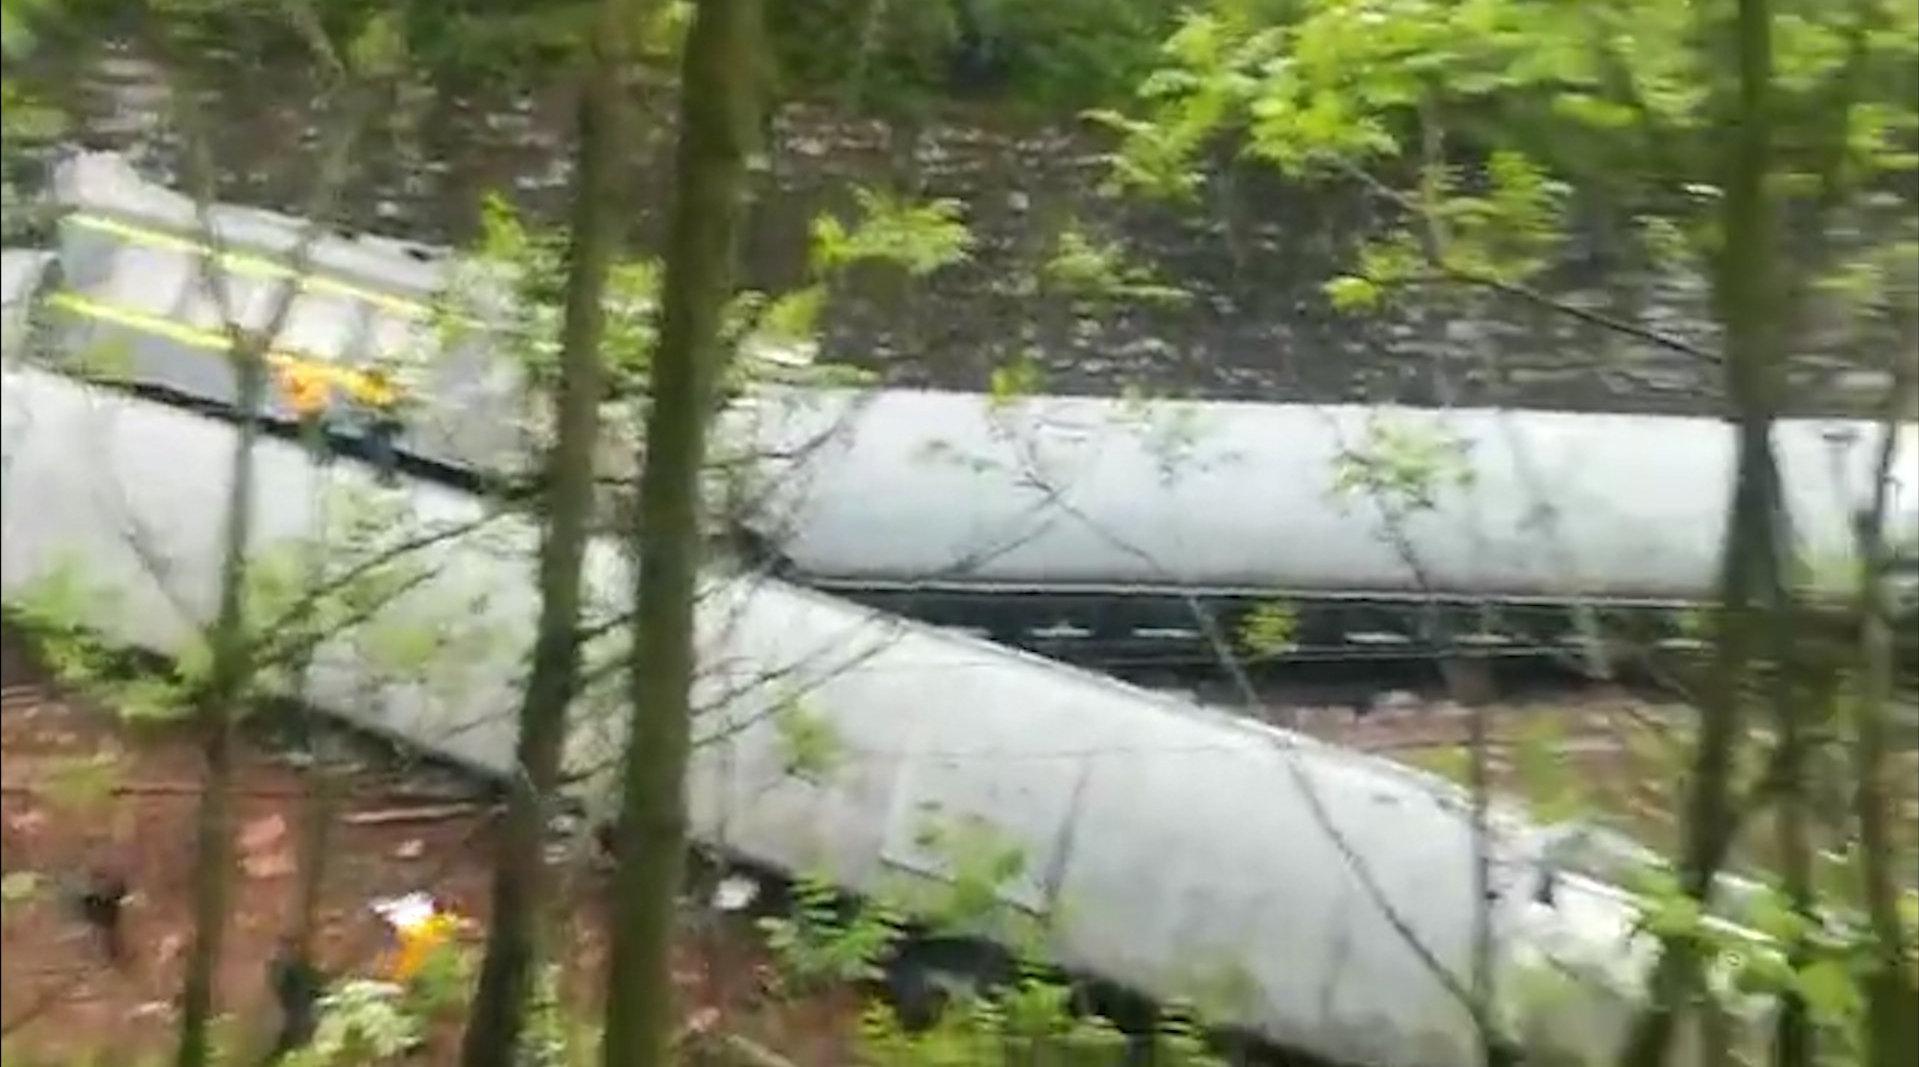 突发:京广铁路湖南郴州境内客运列车脱轨倾覆